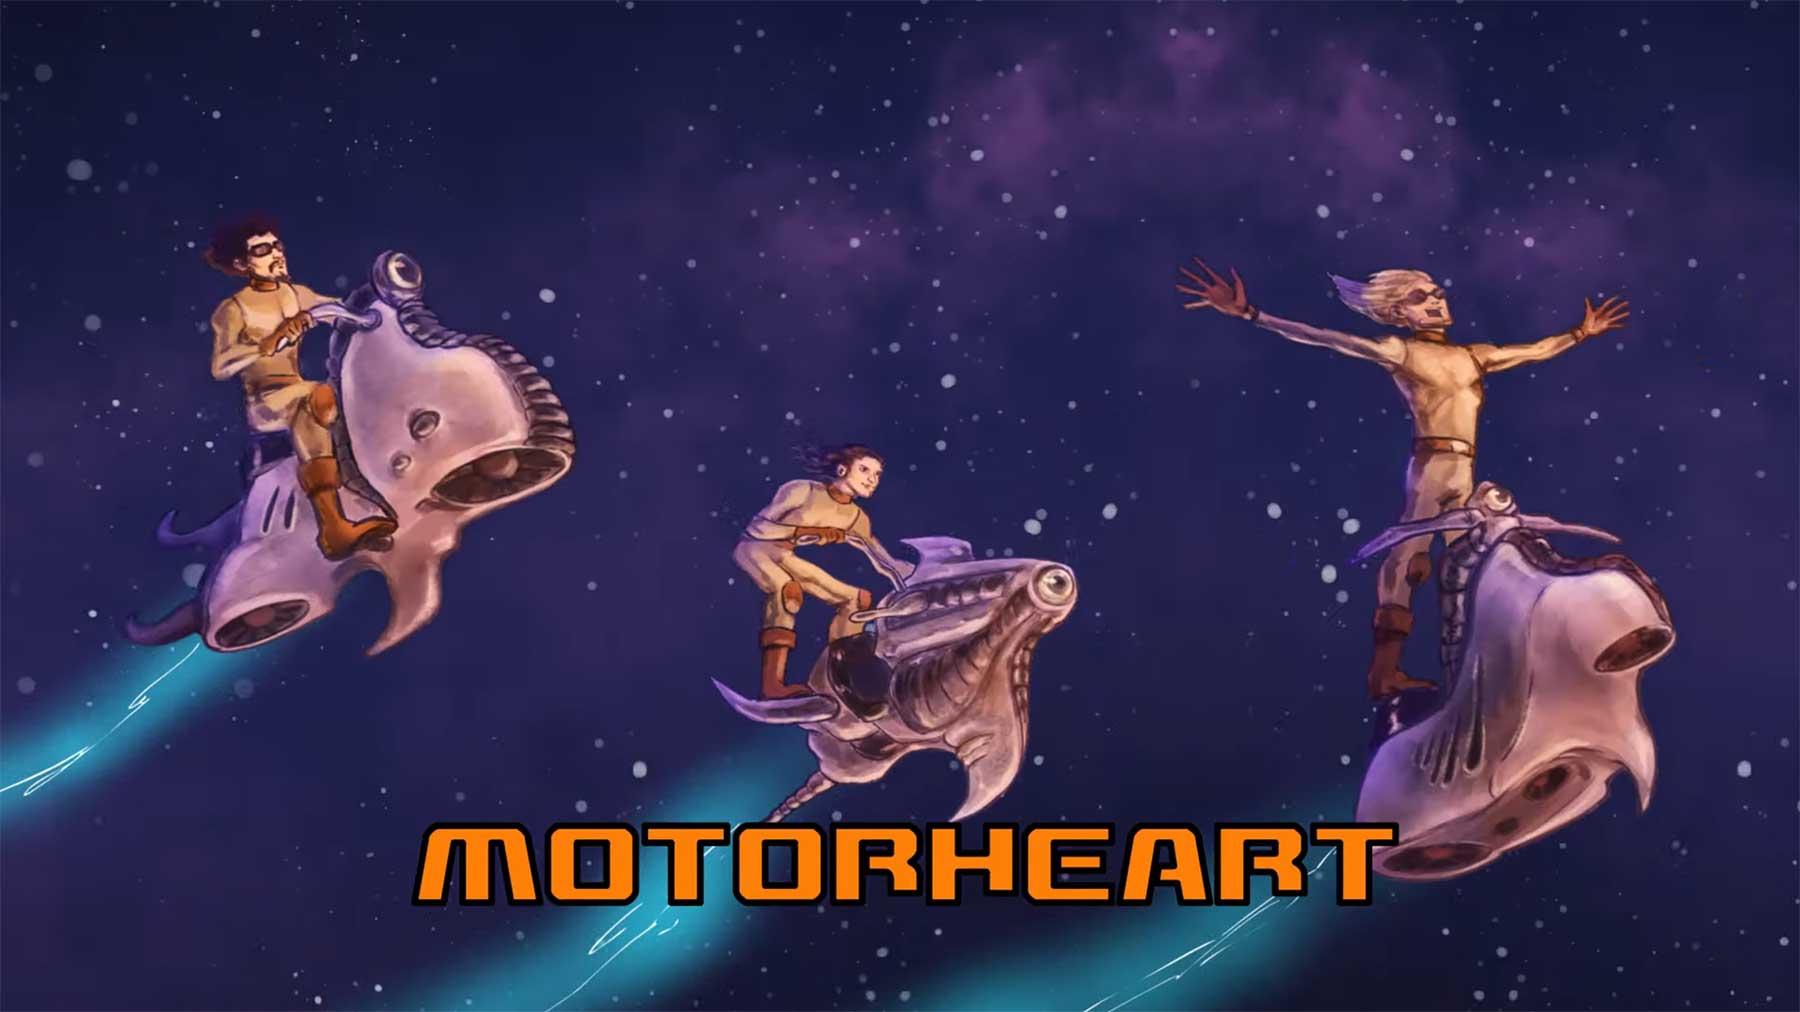 """The Darkness - """"Motorheart"""" The-Darkness-Motorheart-lyric-video"""